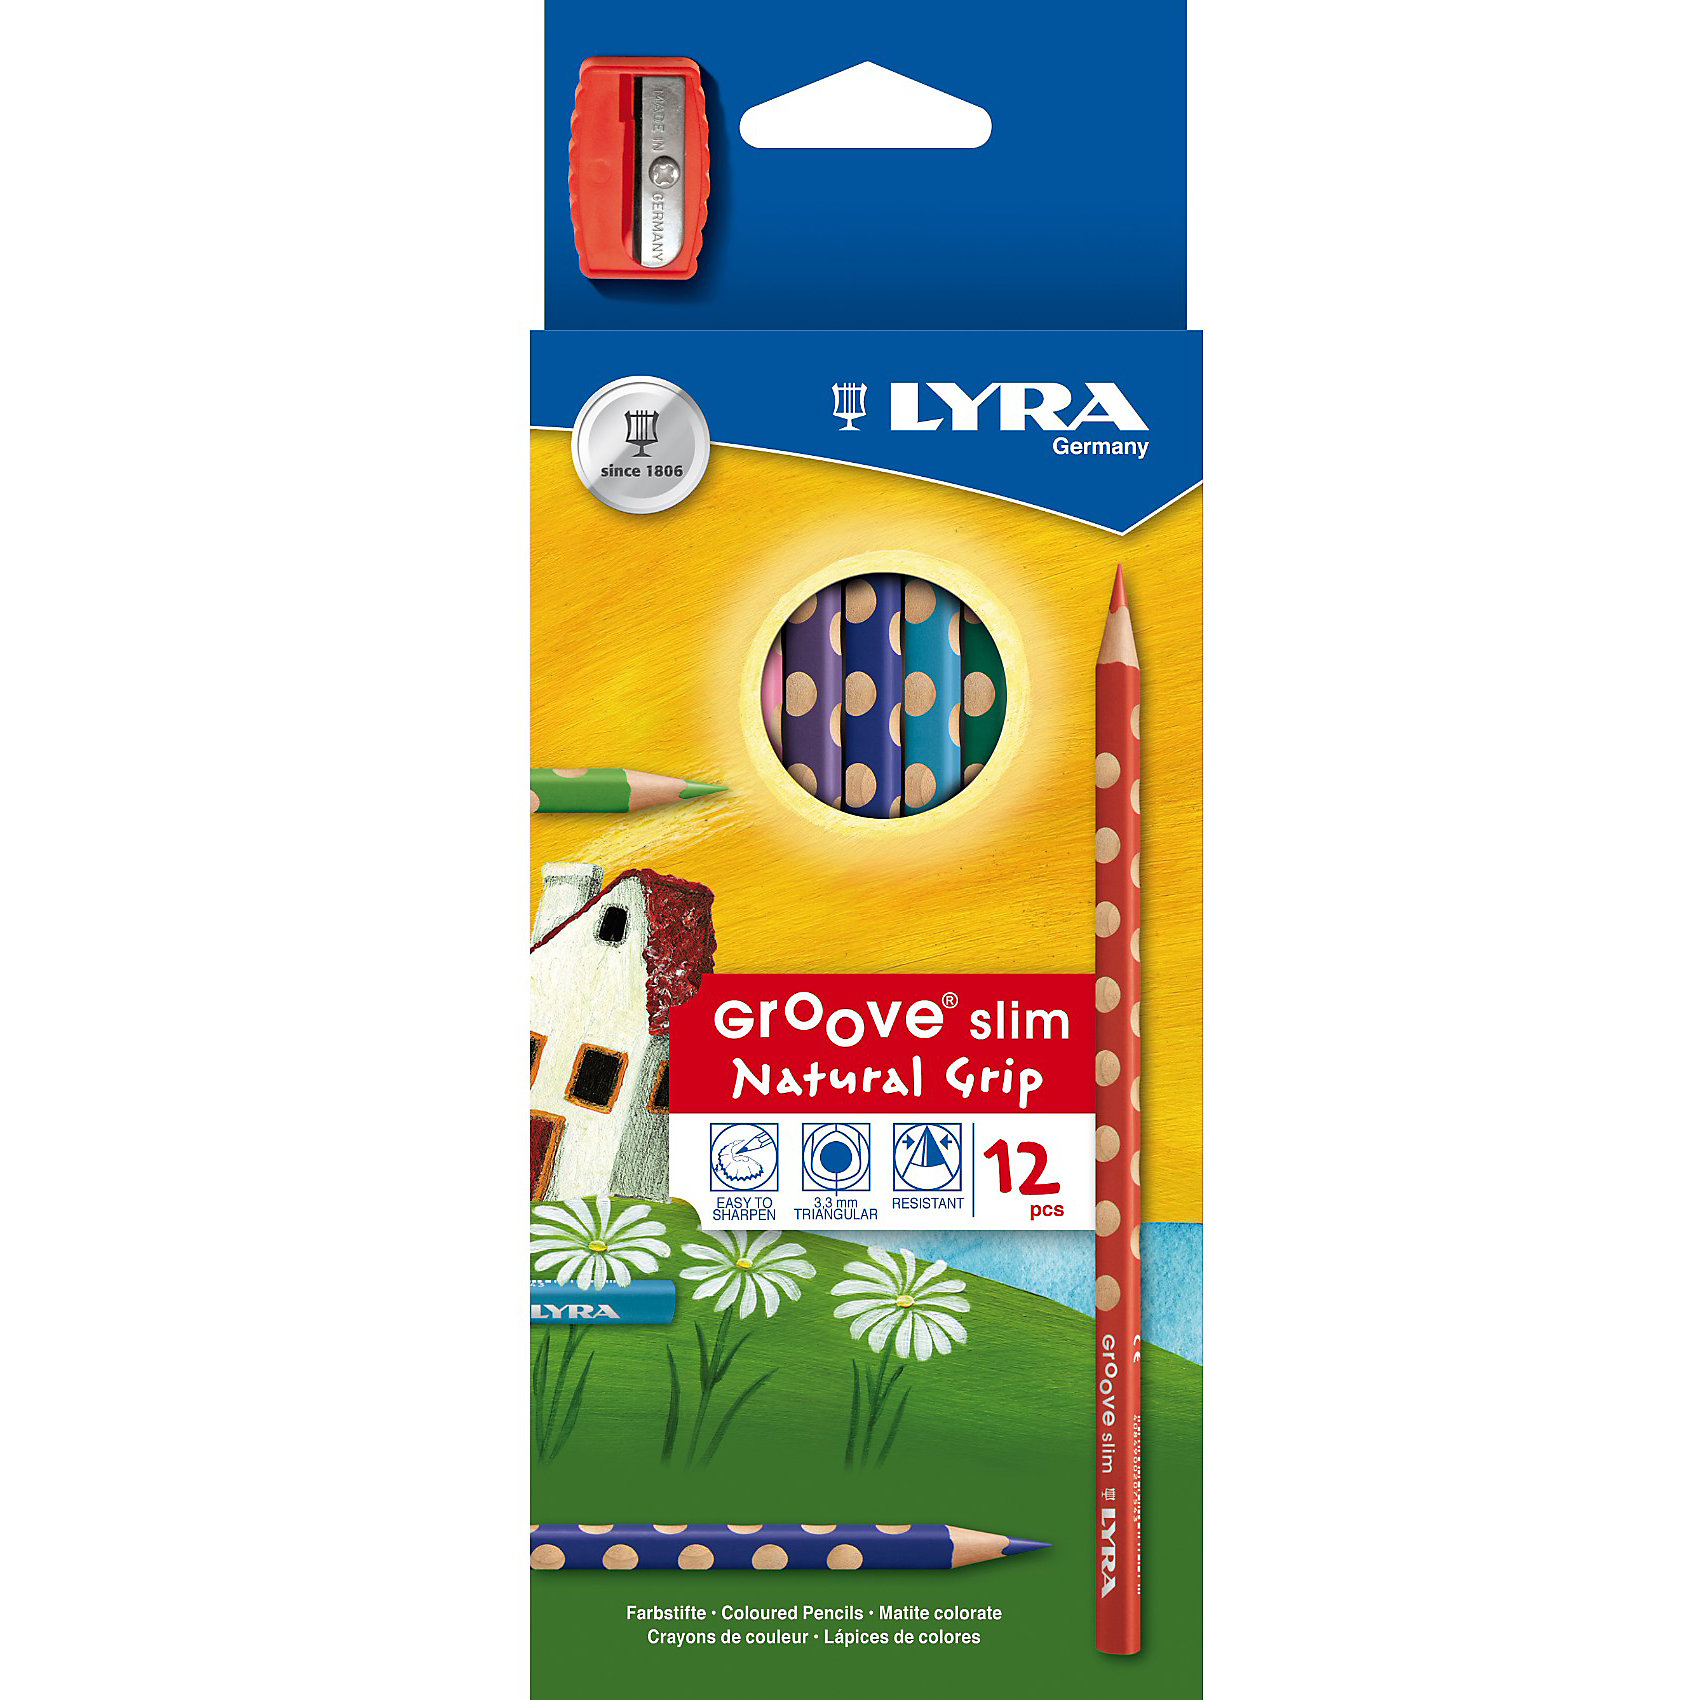 Цветные карандаши, 12 шт.Письменные принадлежности<br>Цветные карандаши с эргономичными выемками вдоль корпуса, 12 шт. Произведены из натуральной сертифицированной древесины, ударопрочные. Диаметр грифеля 3,3 мм. Насыщенные цвета. Удобные для длительного рисования, идеальны для формирования правильного захвата, в том числе у левшей. В наборе с точилкой.<br><br>Ширина мм: 227<br>Глубина мм: 94<br>Высота мм: 24<br>Вес г: 93<br>Возраст от месяцев: 60<br>Возраст до месяцев: 120<br>Пол: Унисекс<br>Возраст: Детский<br>SKU: 2021014